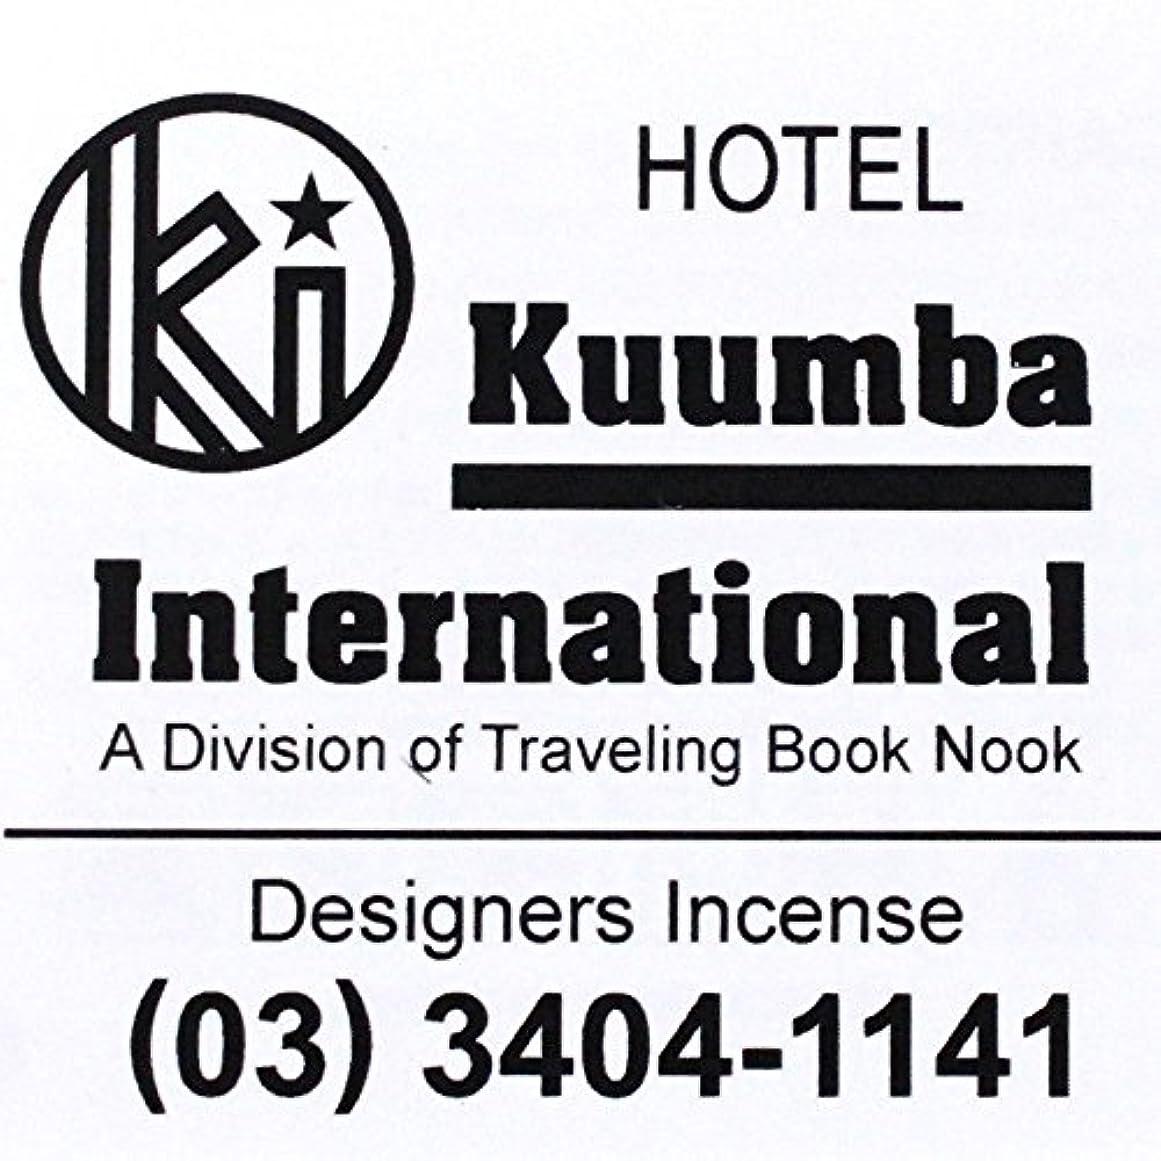 傭兵和らげるブリリアント(クンバ) KUUMBA『incense』(HOTEL) (Regular size)